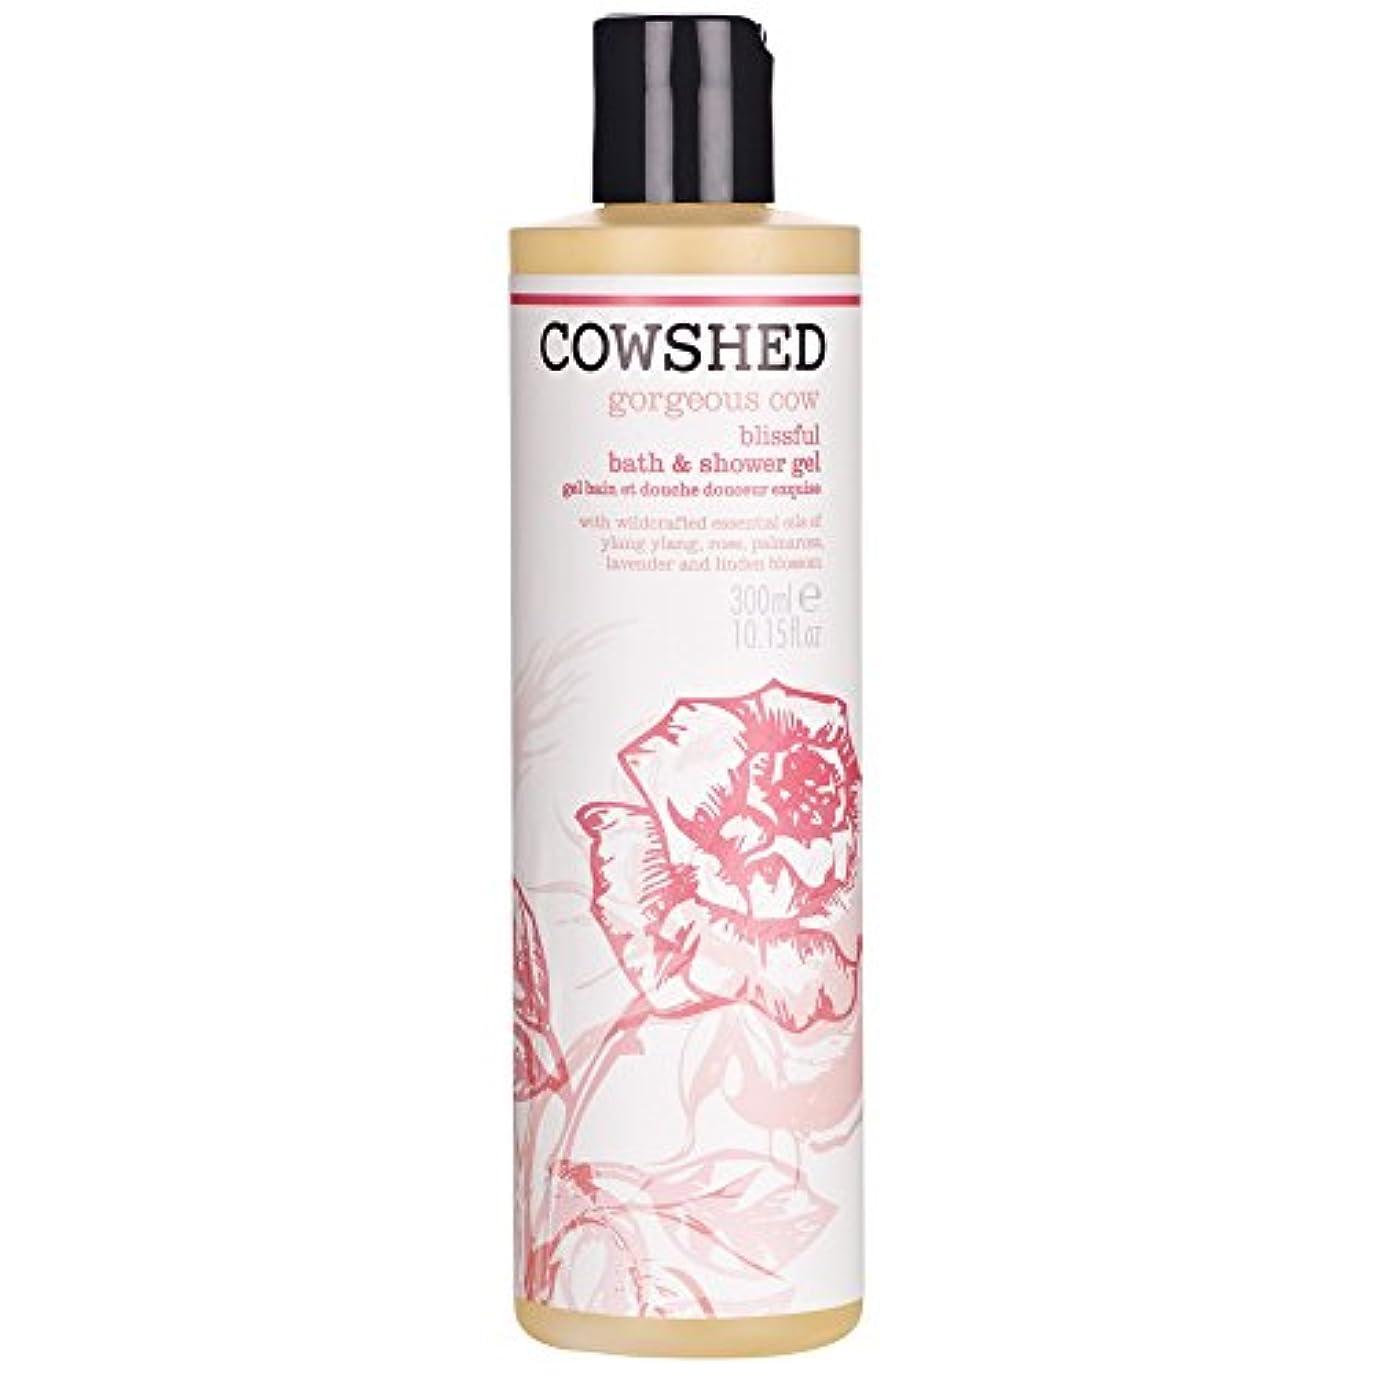 自然公園出口恥ずかしさ牛舎ゴージャスな牛のバス&シャワージェル300ミリリットル (Cowshed) (x6) - Cowshed Gorgeous Cow Bath & Shower Gel 300ml (Pack of 6) [並行輸入品]